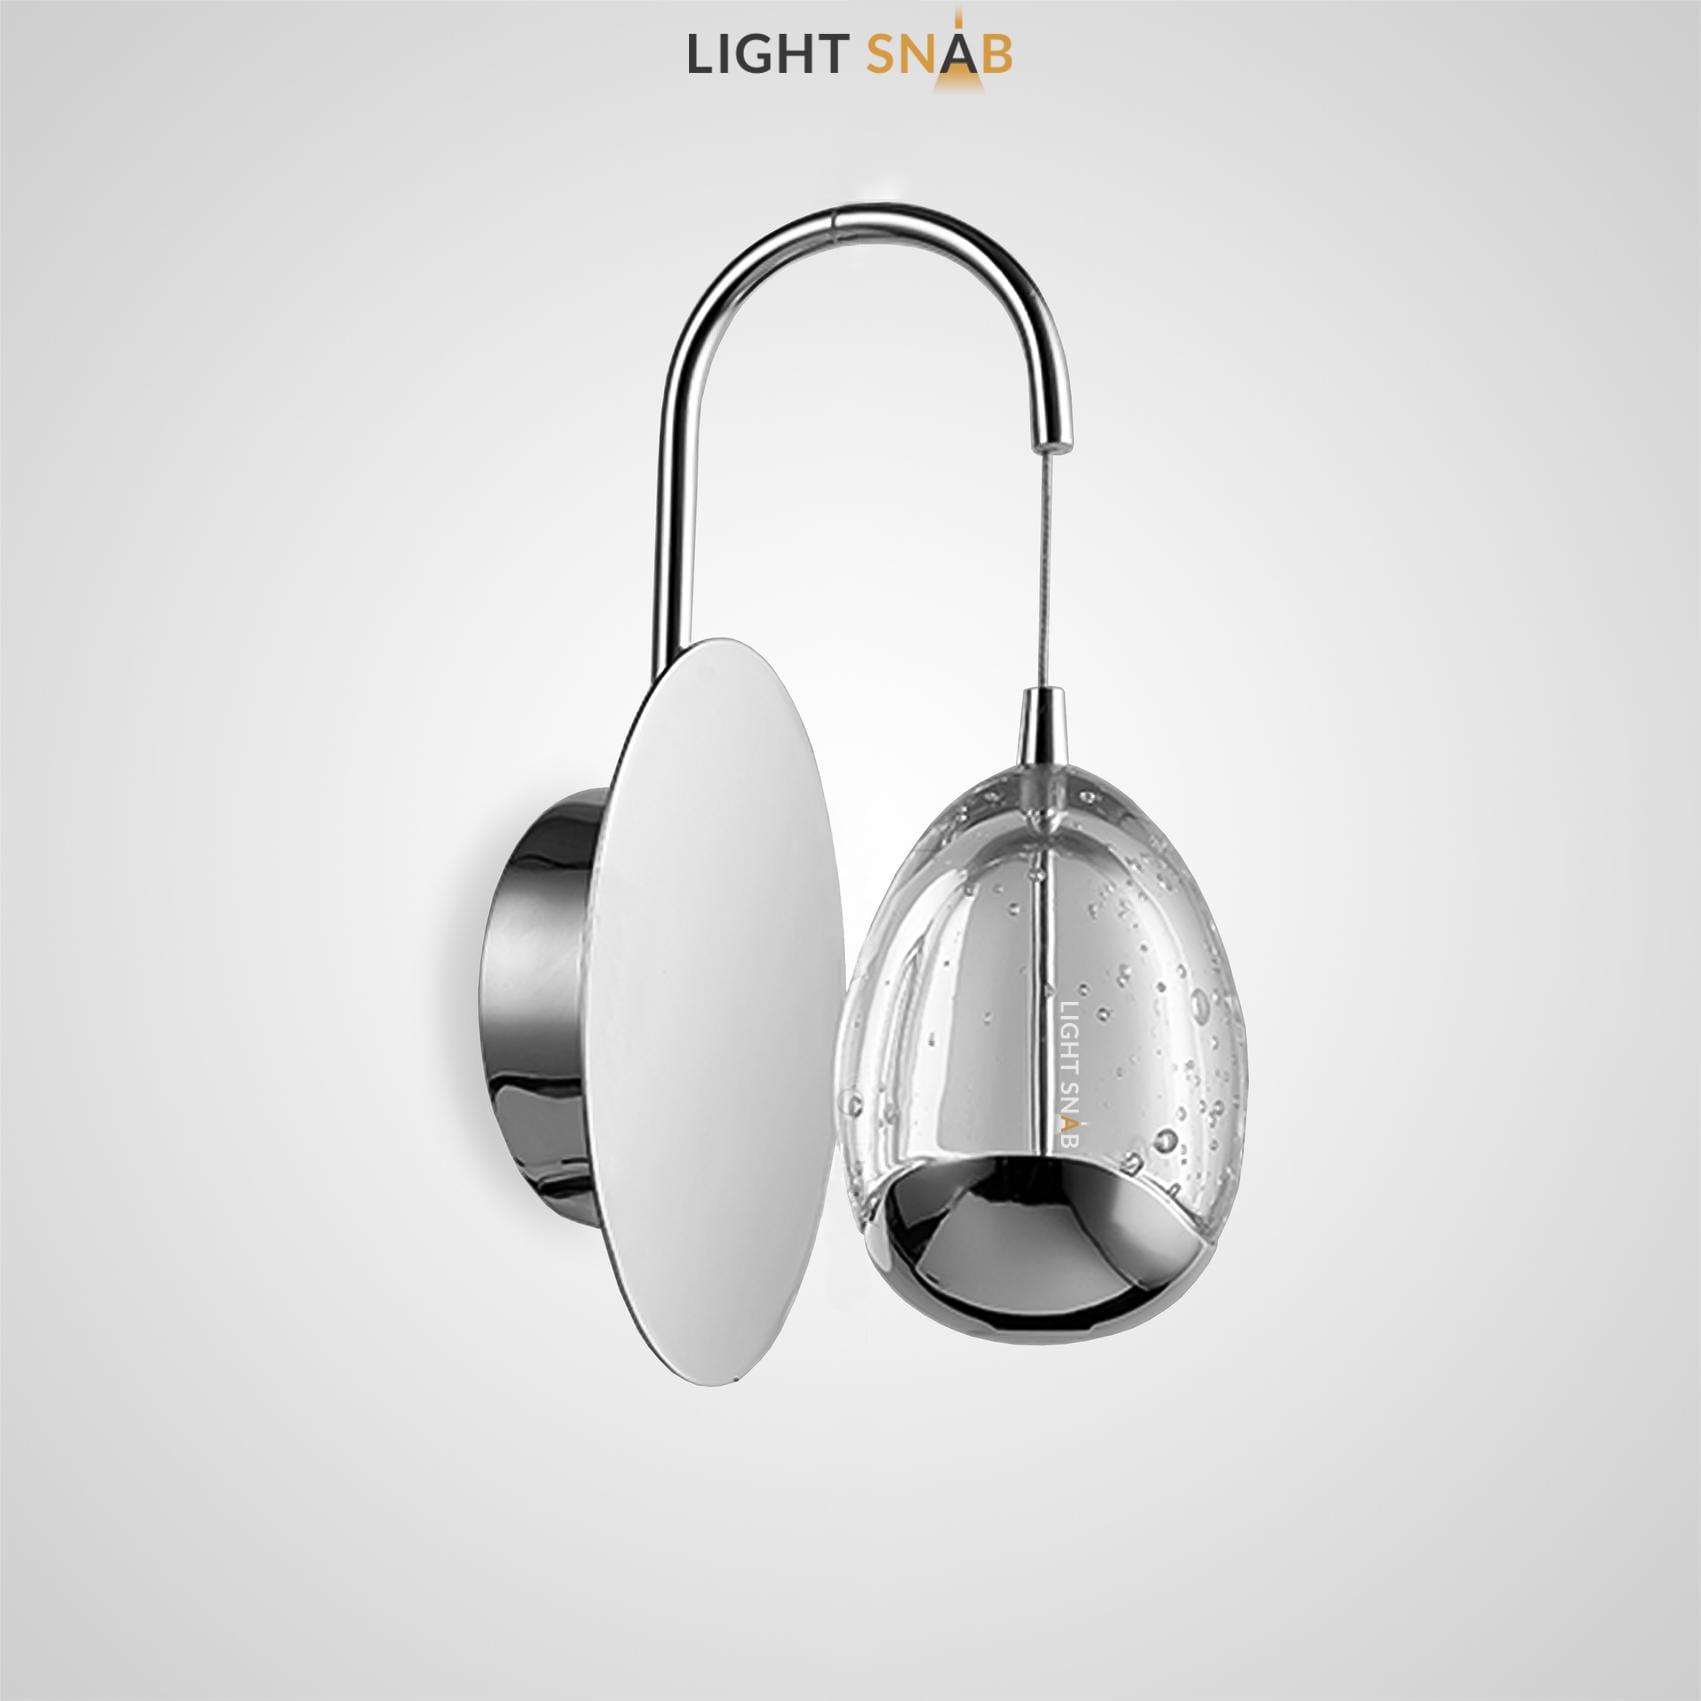 Настенный светодиодный светильник Lenita Wall цвет хром